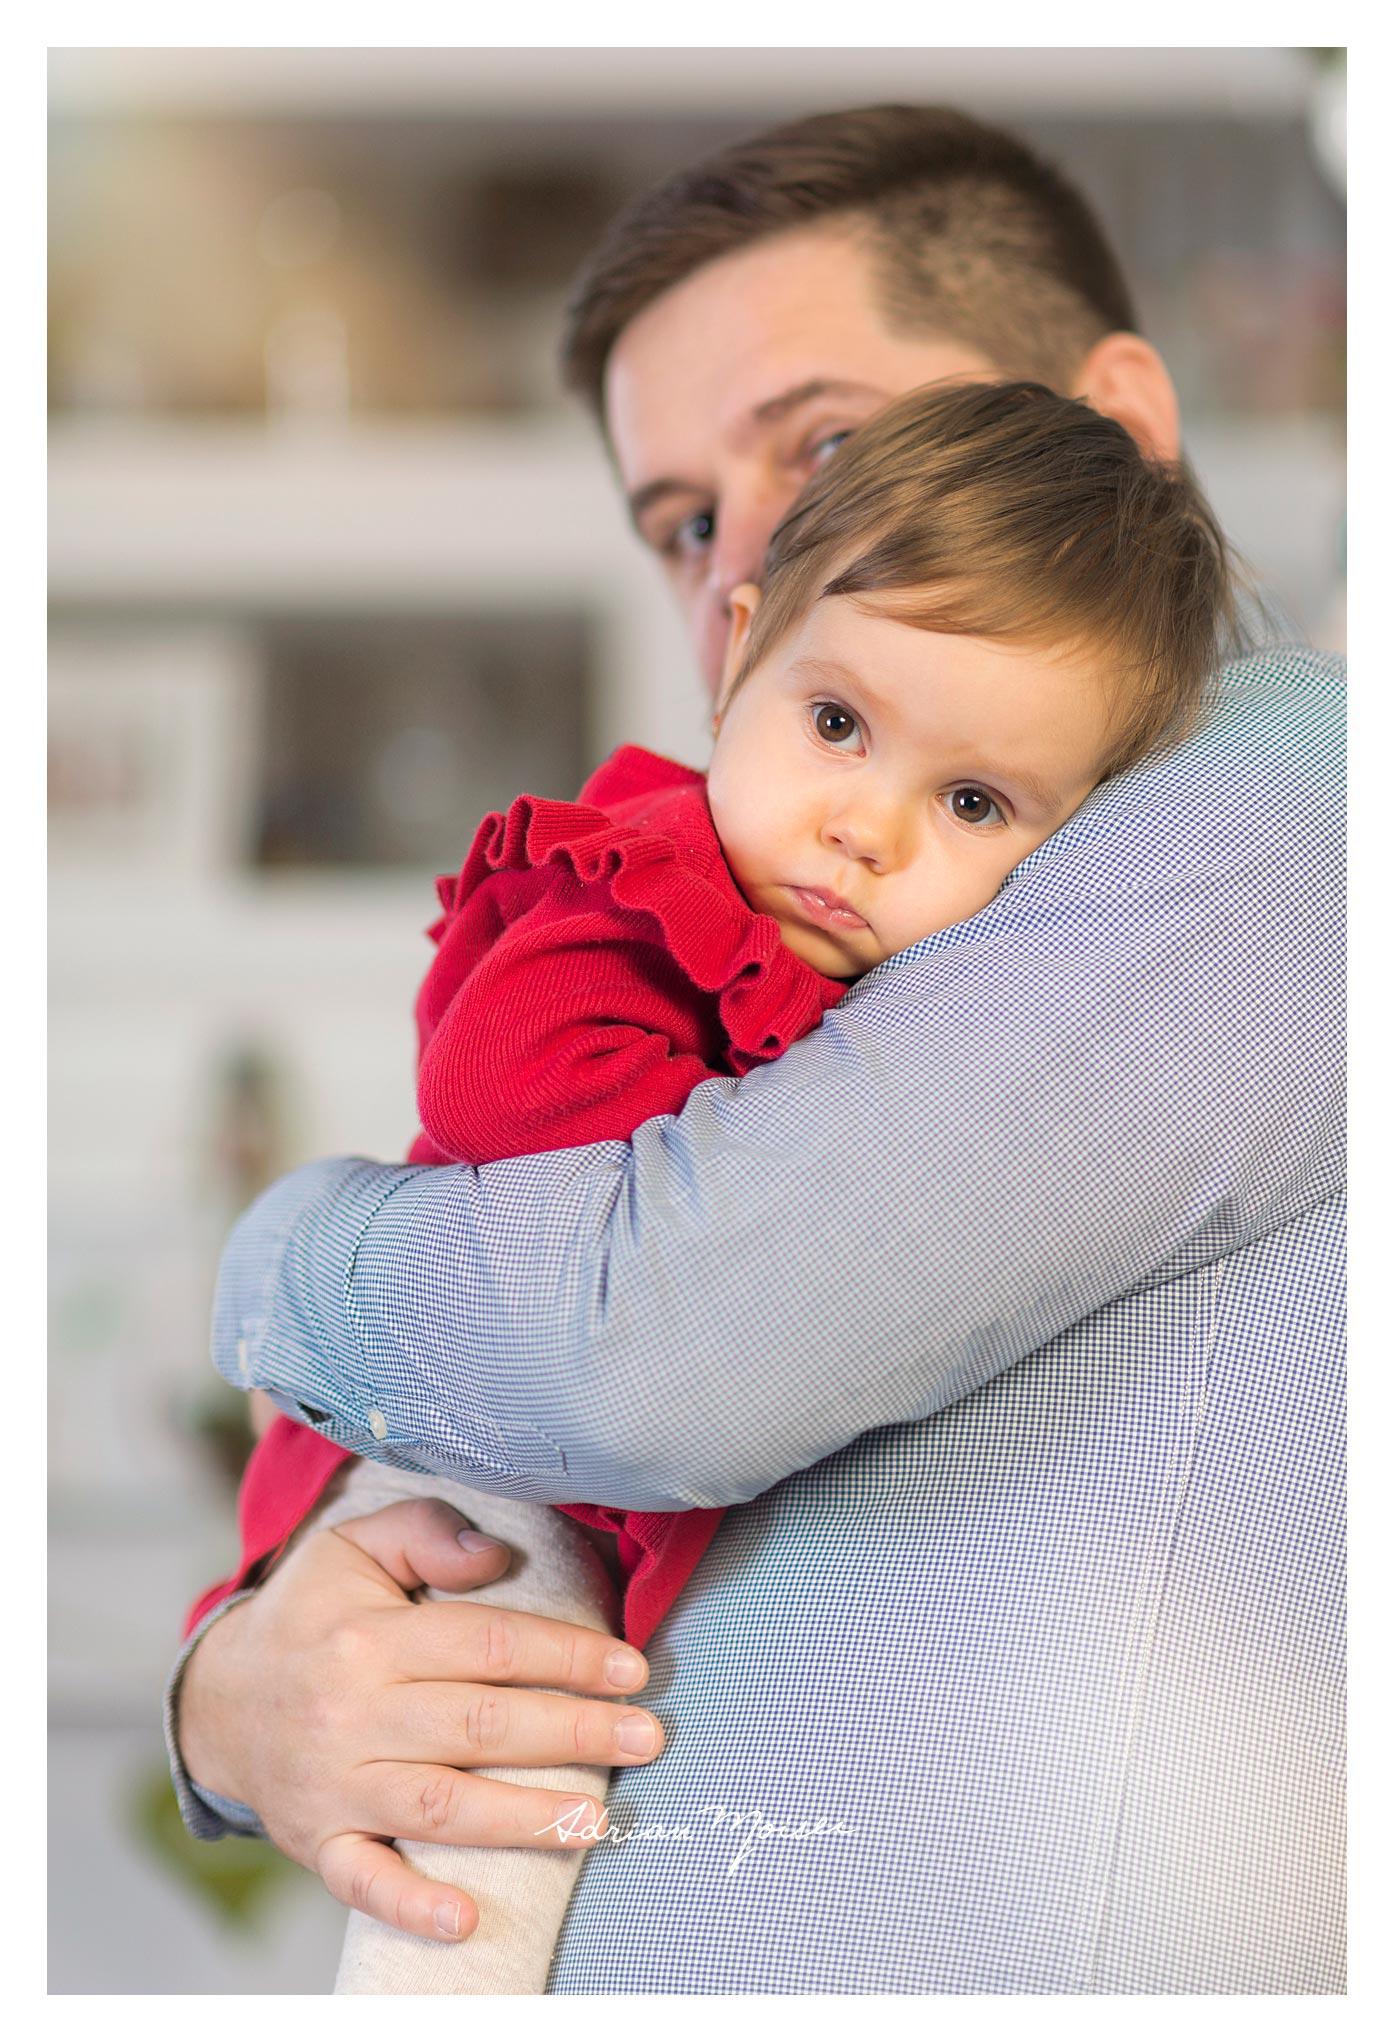 Fetiță la doi ani împreună cu părintii ei, Adrian Moisei